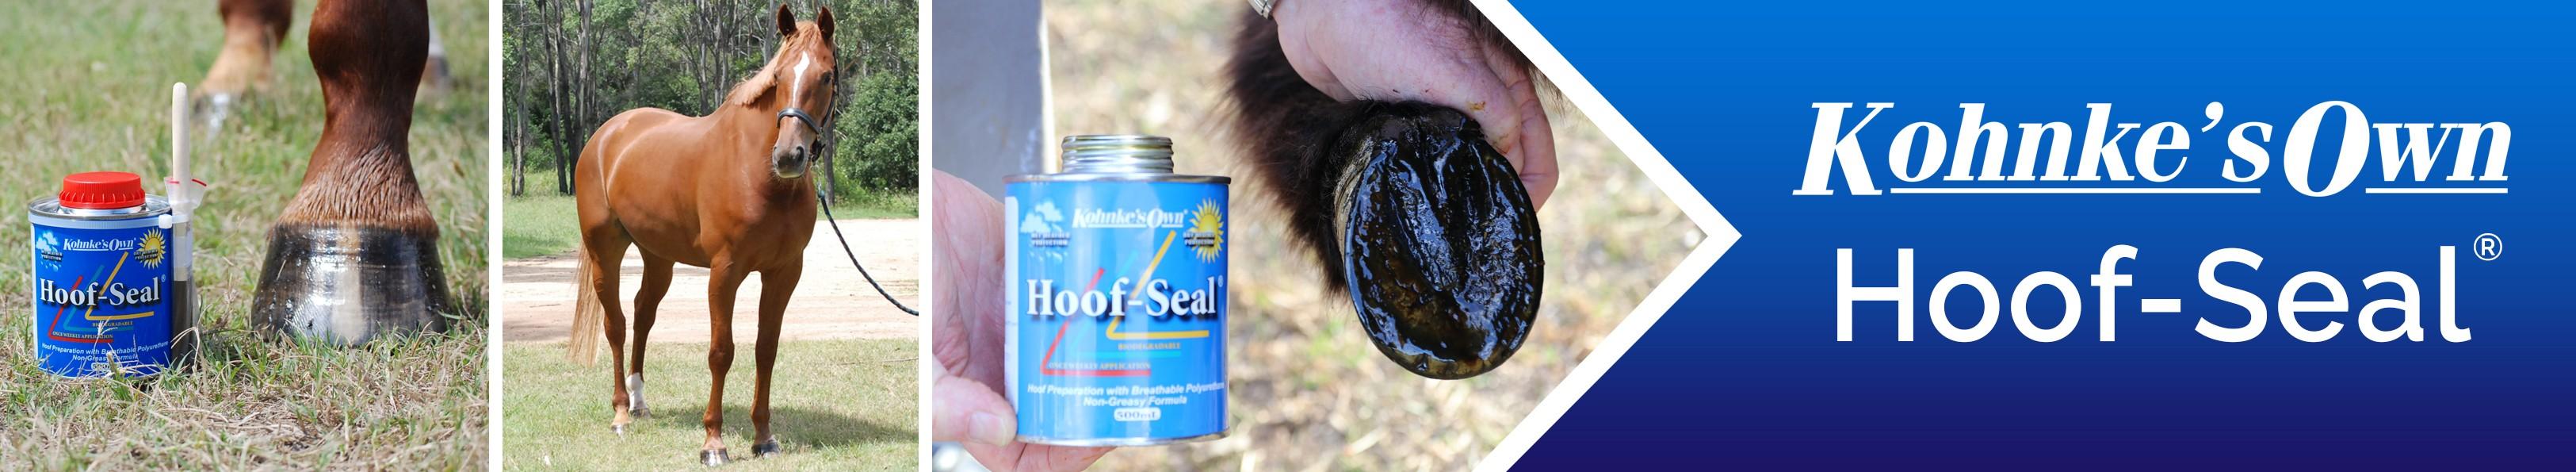 Hoof-Seal Banner